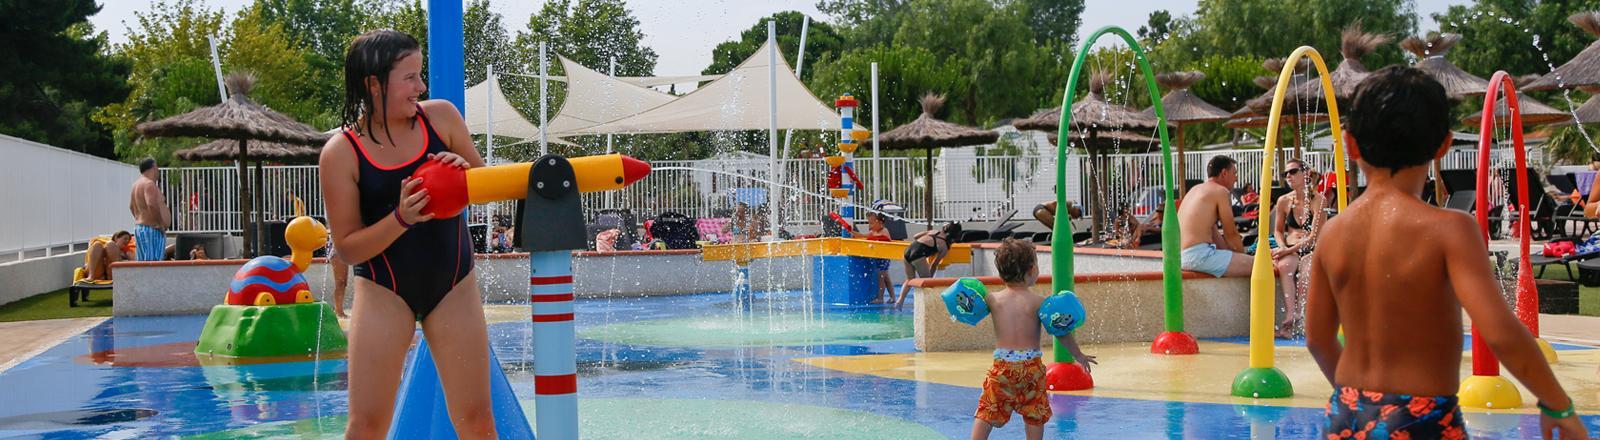 camping-sud-avec-piscine-enfant-bonnes-vacances-sarl